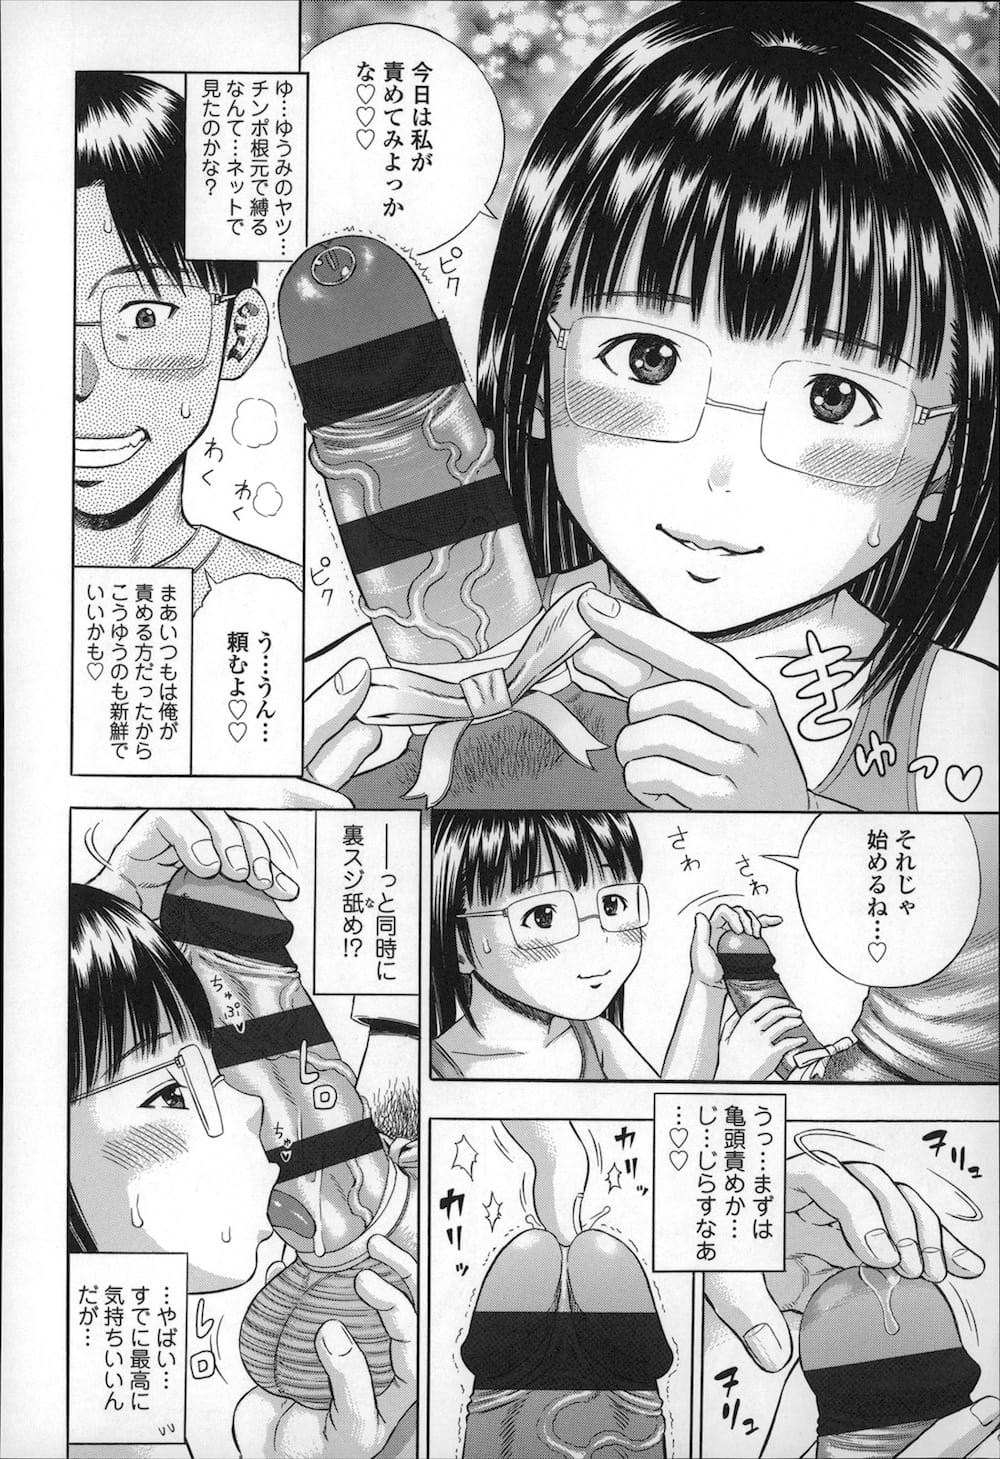 【エロ漫画】両親が不在の時におっとりしているメガネロリ妹とセックスしたら妹がSに目覚めてしまったwww 013